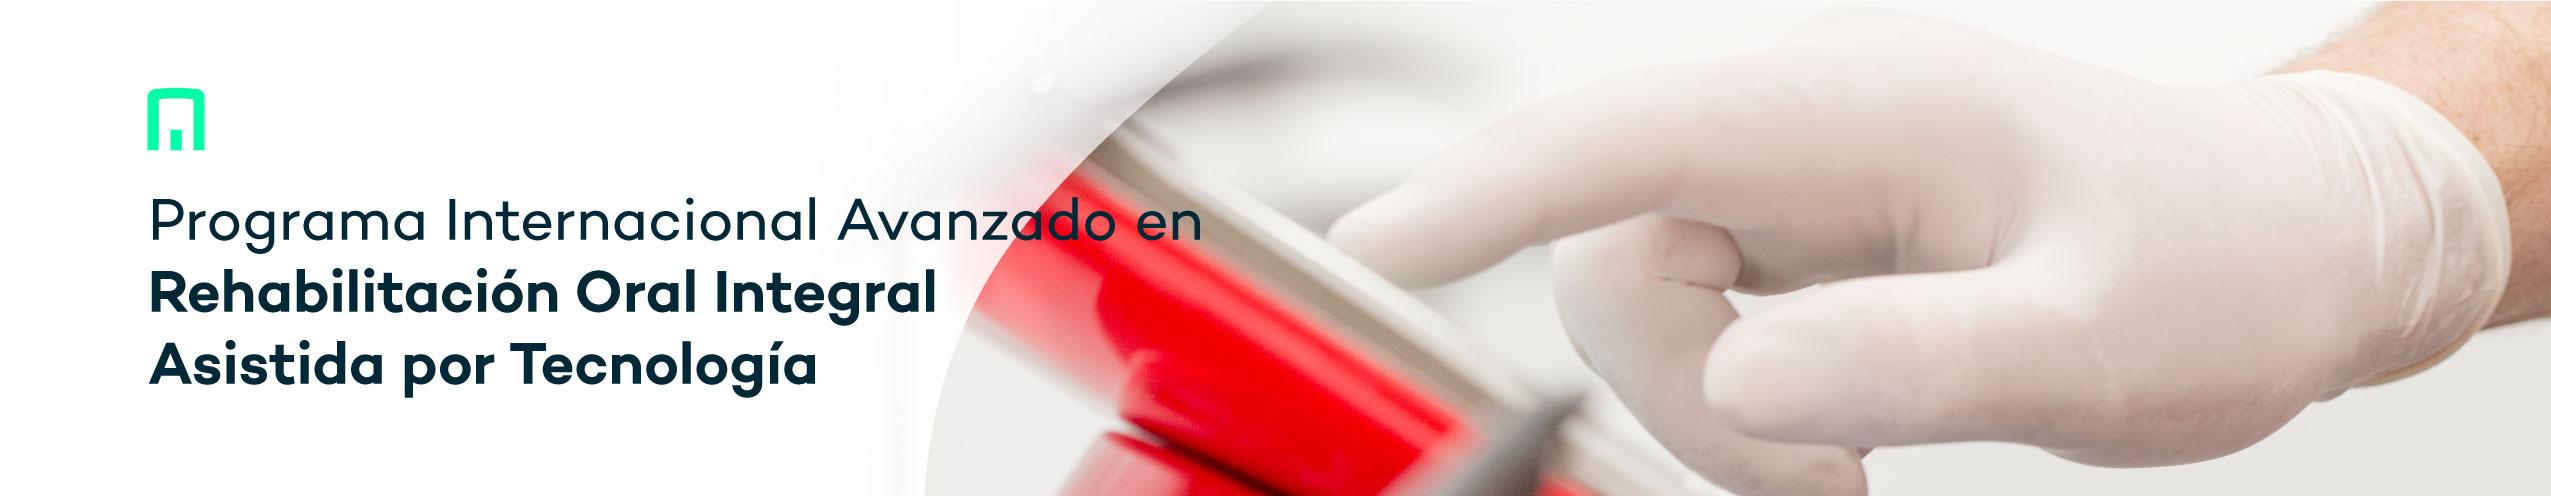 Imagen 2 de la página de cursos de Inspiria, la plataforma de contenidos en odontología